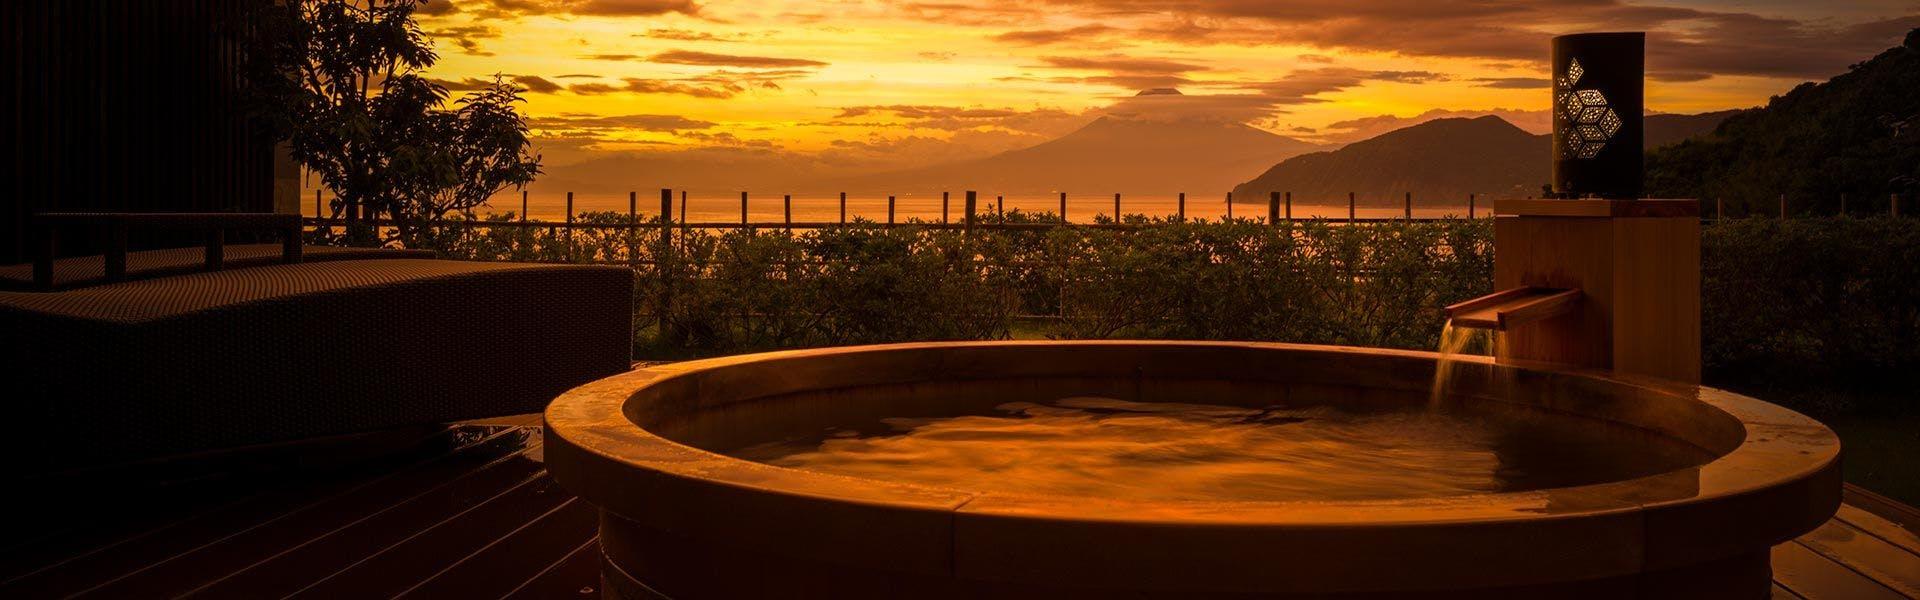 記念日におすすめのホテル・【世界遺産 富士山を望む宿 富岳群青】の写真2